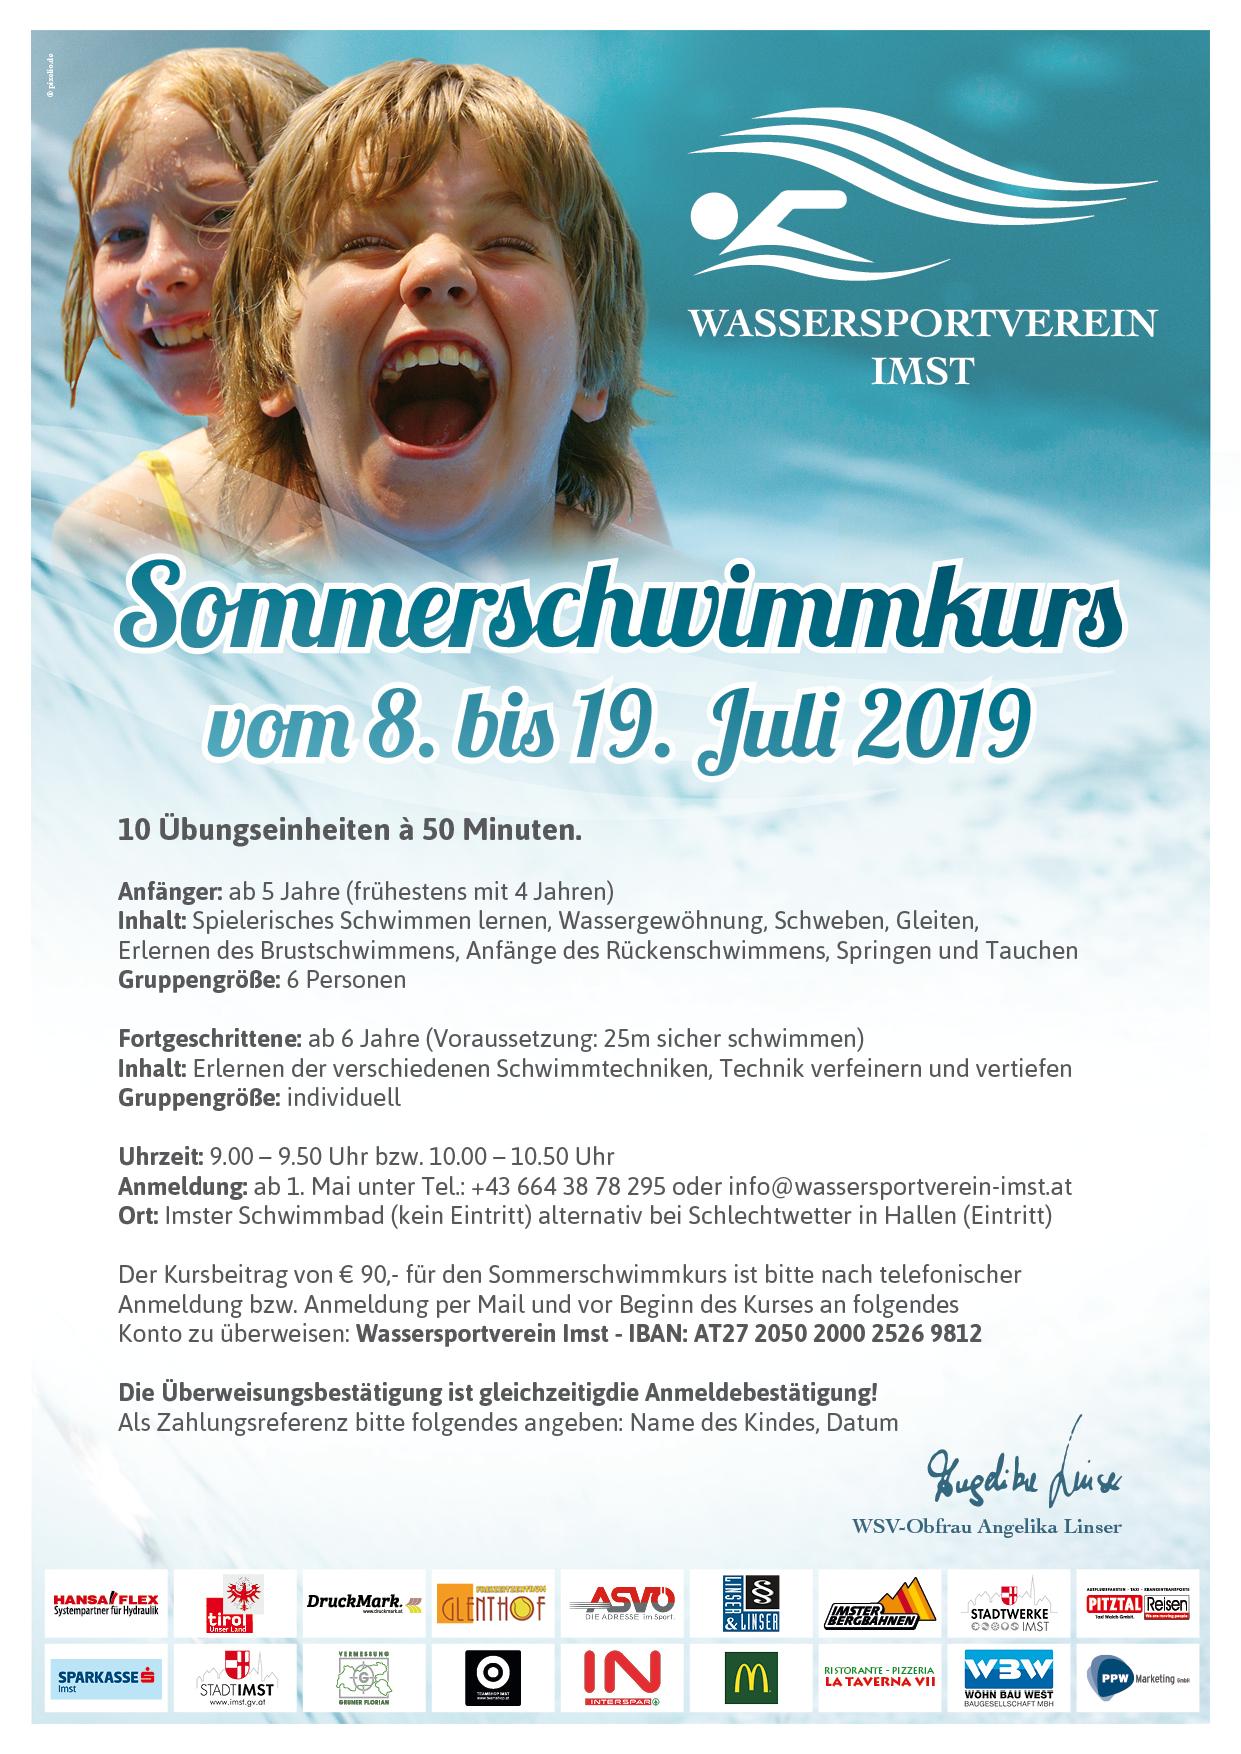 Großer Sommerschwimmkurs – Anmeldung Ab 1. Mai